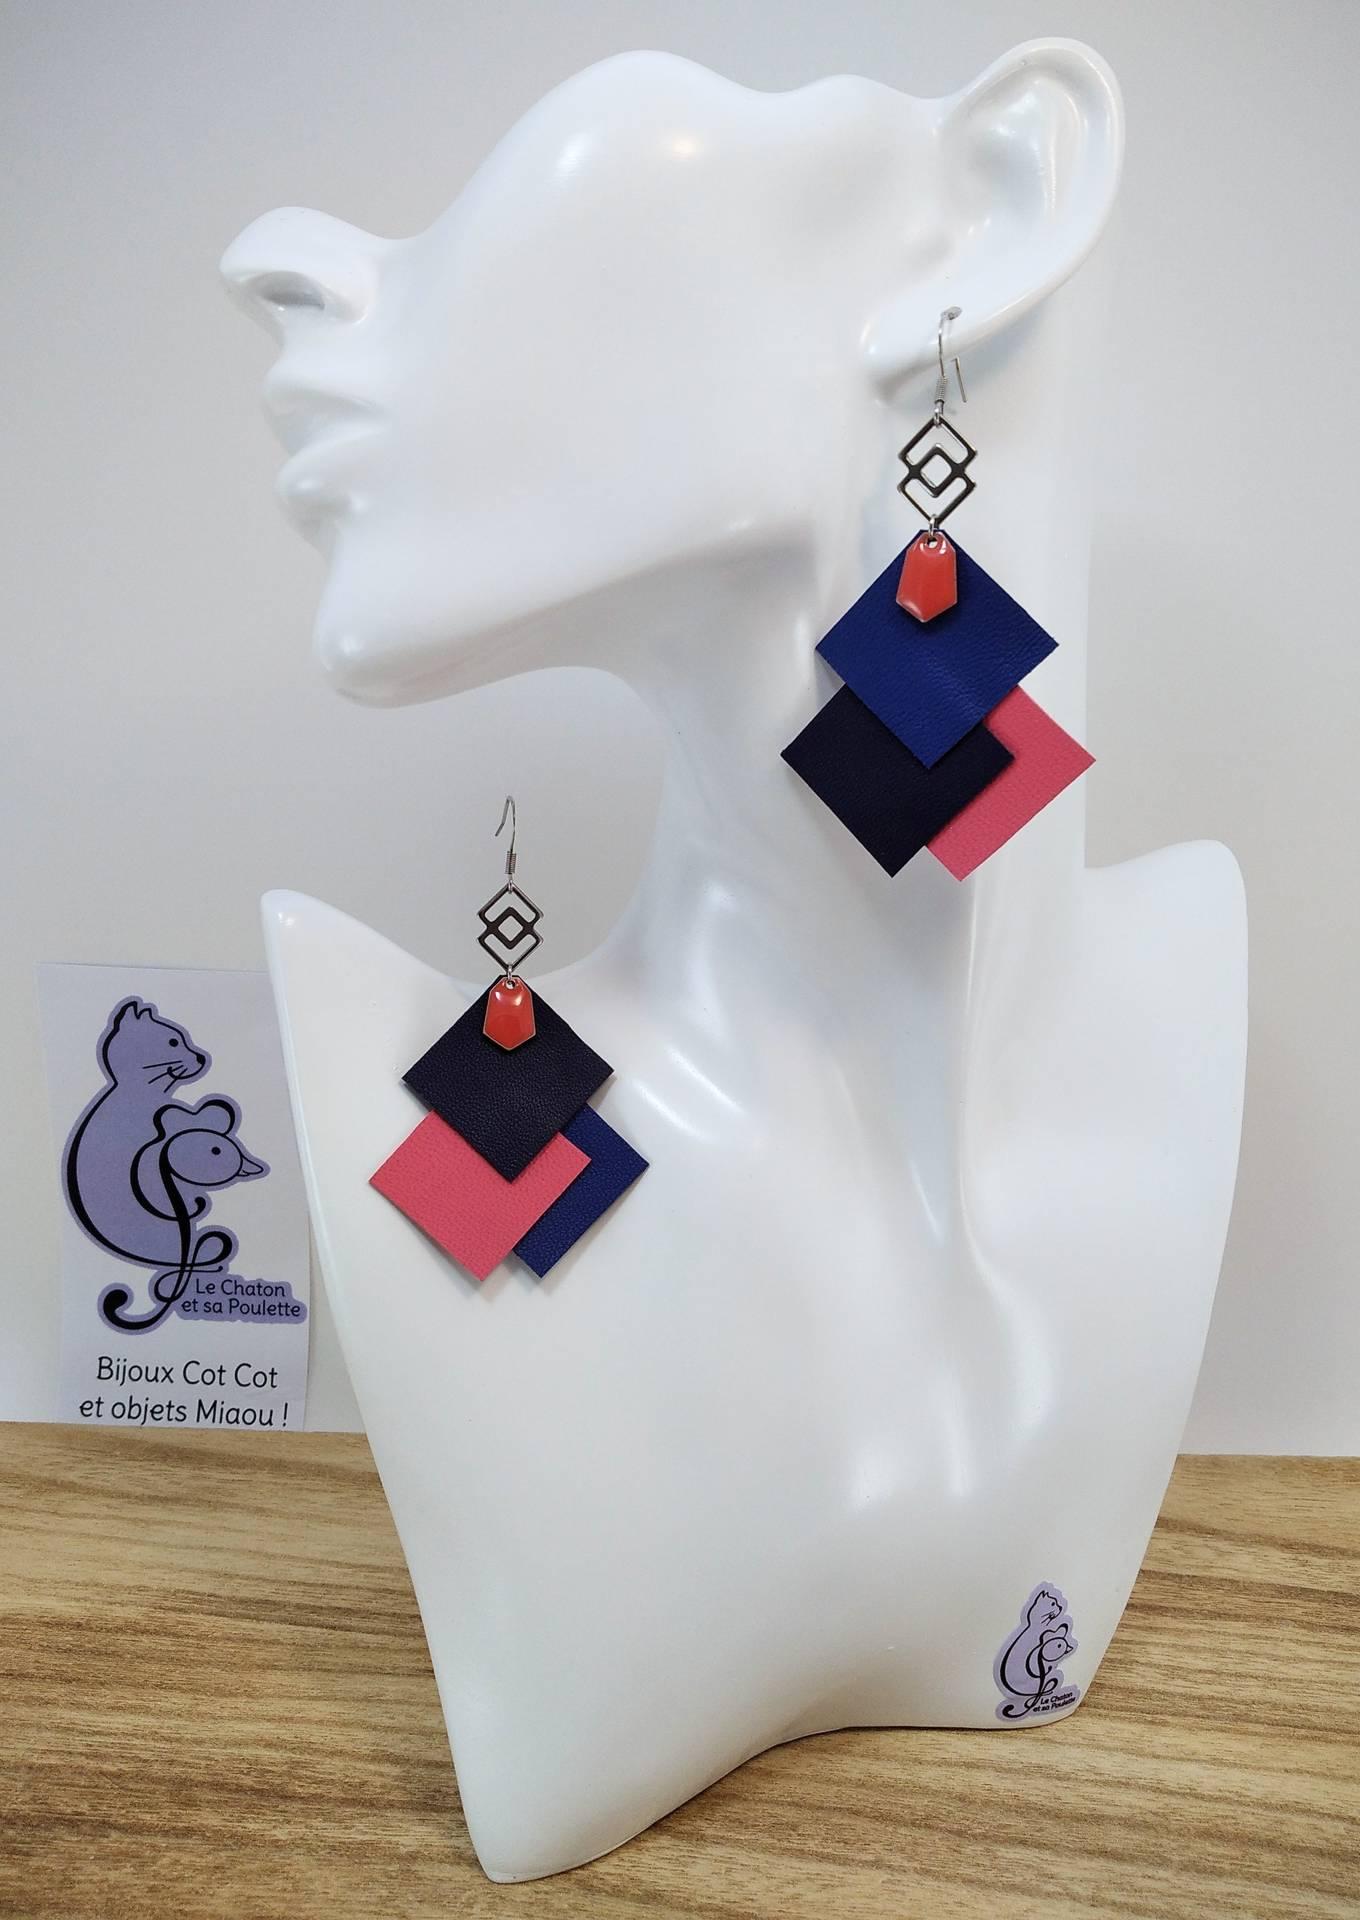 VENDUES ! B.O. FORMIDABLE modèle 6 Cuirs bleu marine/bleu nuit/rose, breloque inox carrés entrelacés et diamant rose saumon